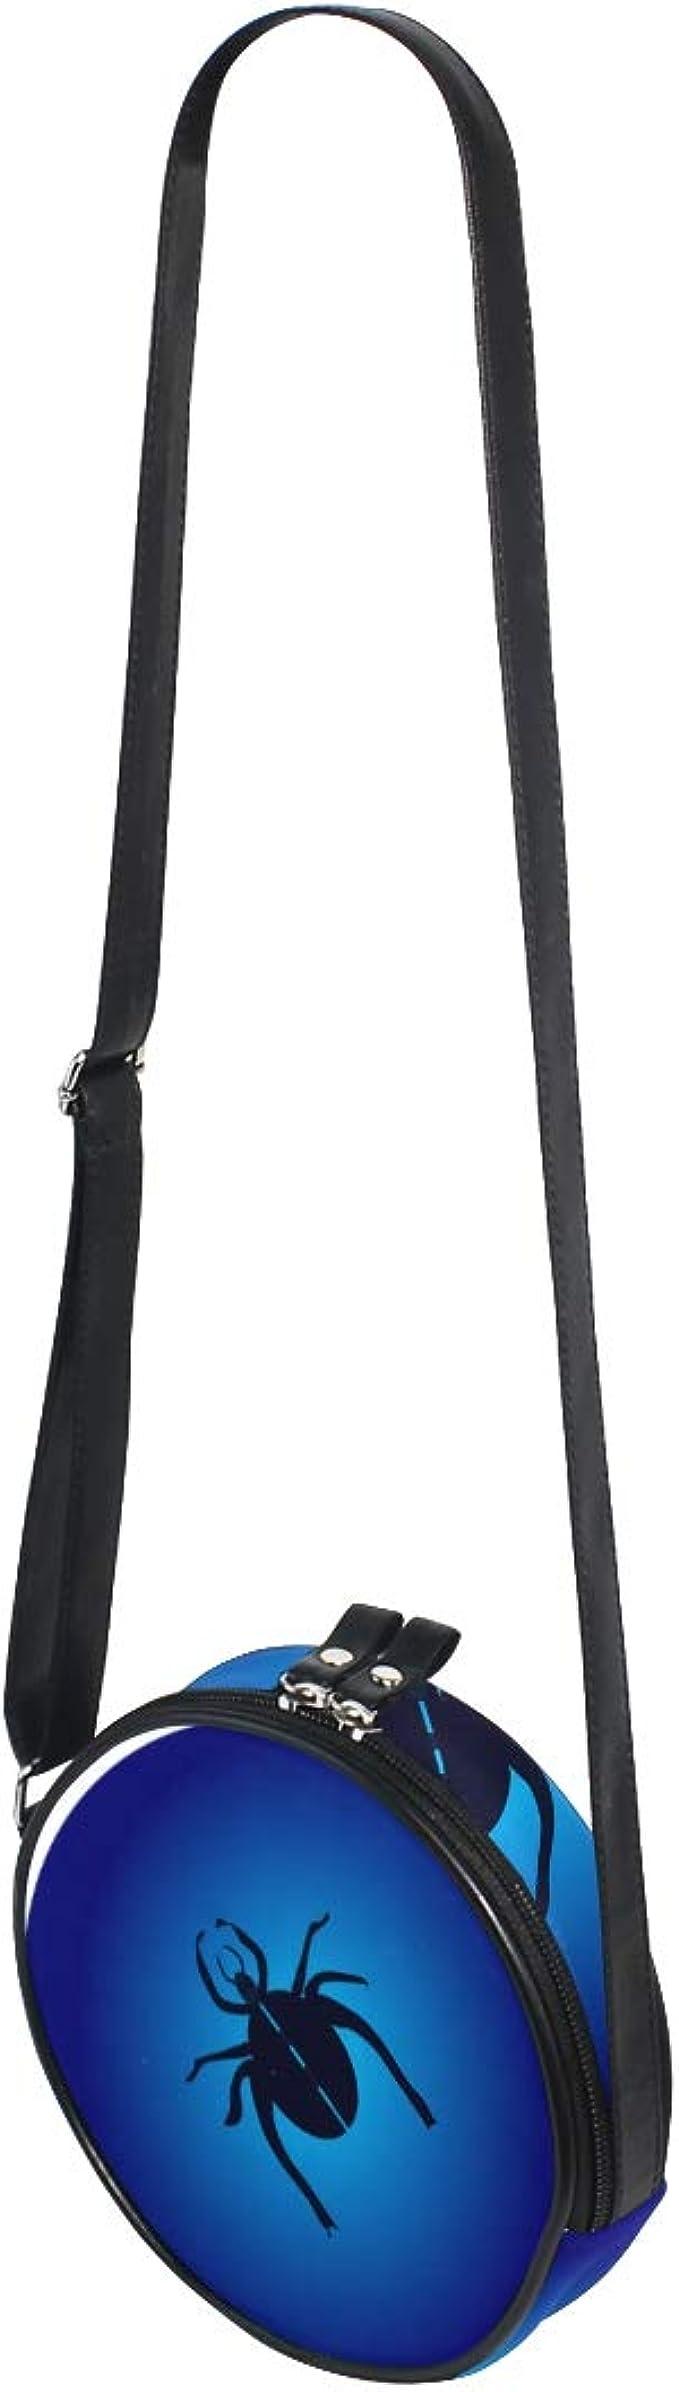 KEAKIA Spider Webs Round Crossbody Bag Shoulder Sling Bag Handbag Purse Satchel Shoulder Bag for Kids Women